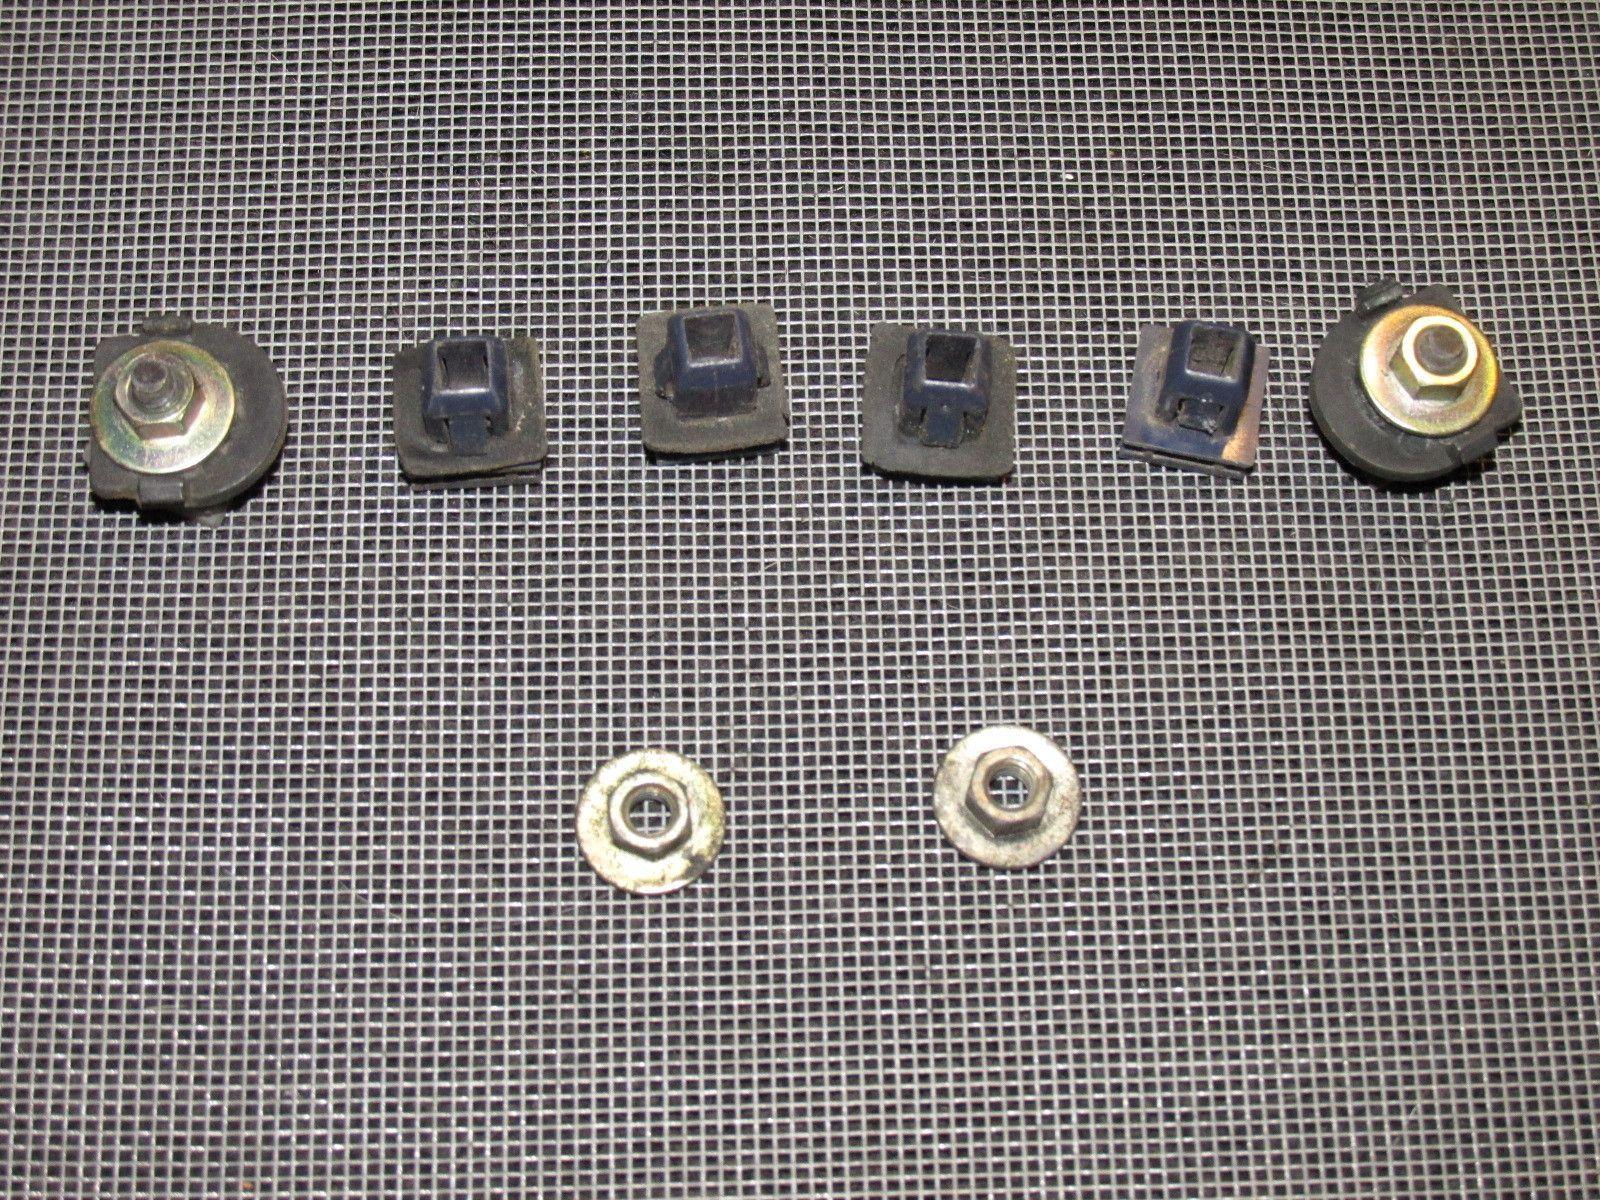 90 91 92 93 94 95 96 Nissan 300zx Hatch Door Panel Hardware Clip - Set